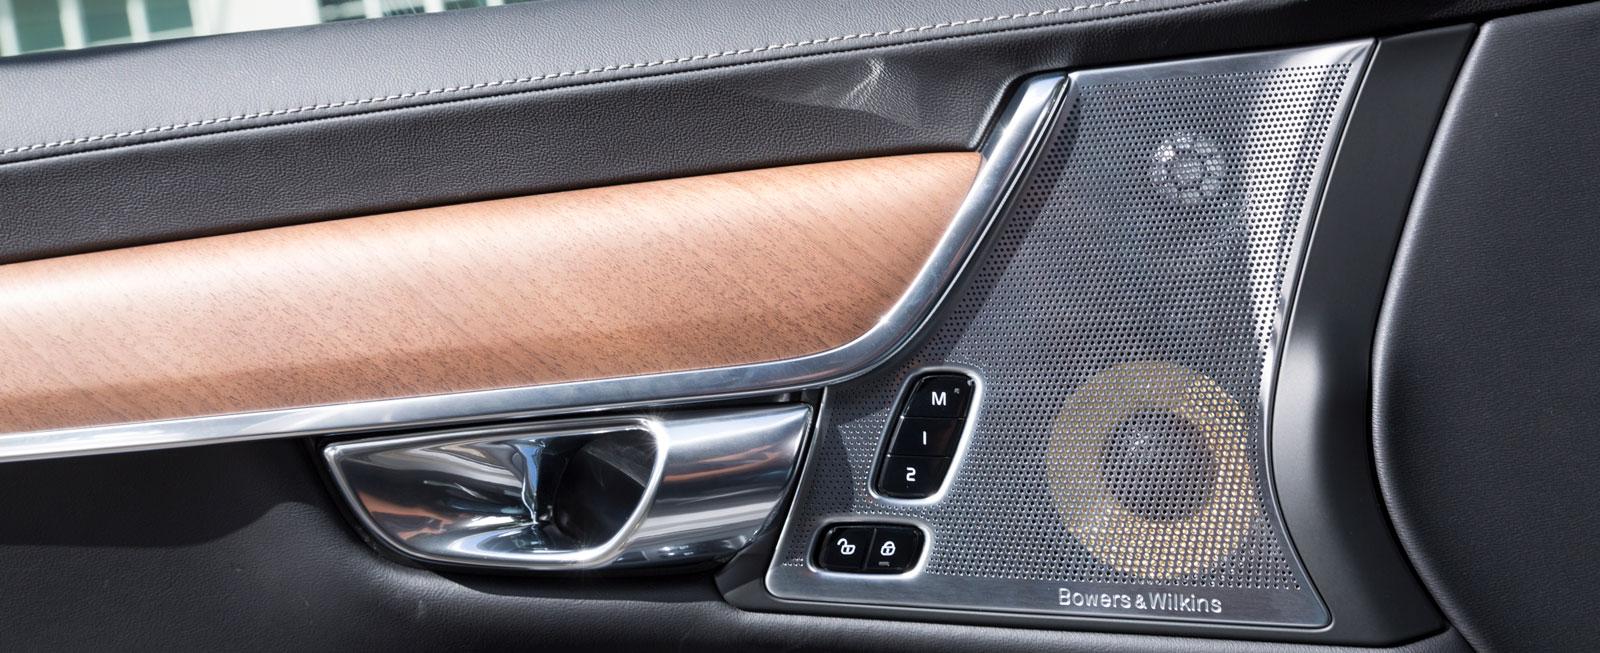 Så här eleganta blir Volvons främre dörrsidor om man väljer till värsta ljudsystemet från Bowers & Wilkins med 19 högtalare och 1400 W. Pris: 30900 kr.